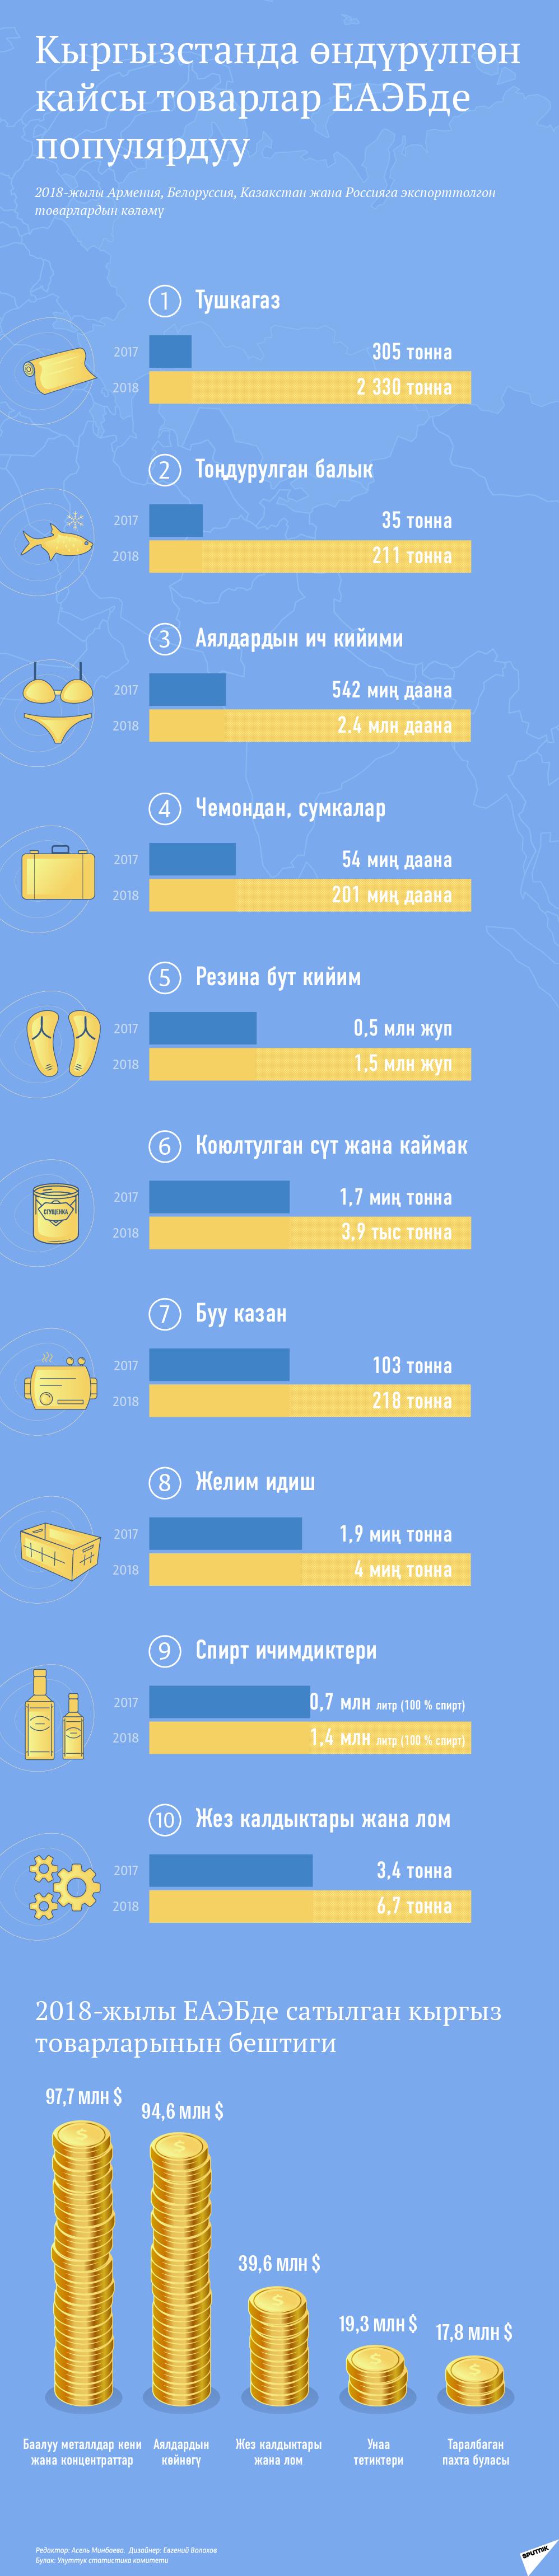 Кыргызстанда өндүрүлгөн кайсы товарлар ЕАЭБде популярдуу